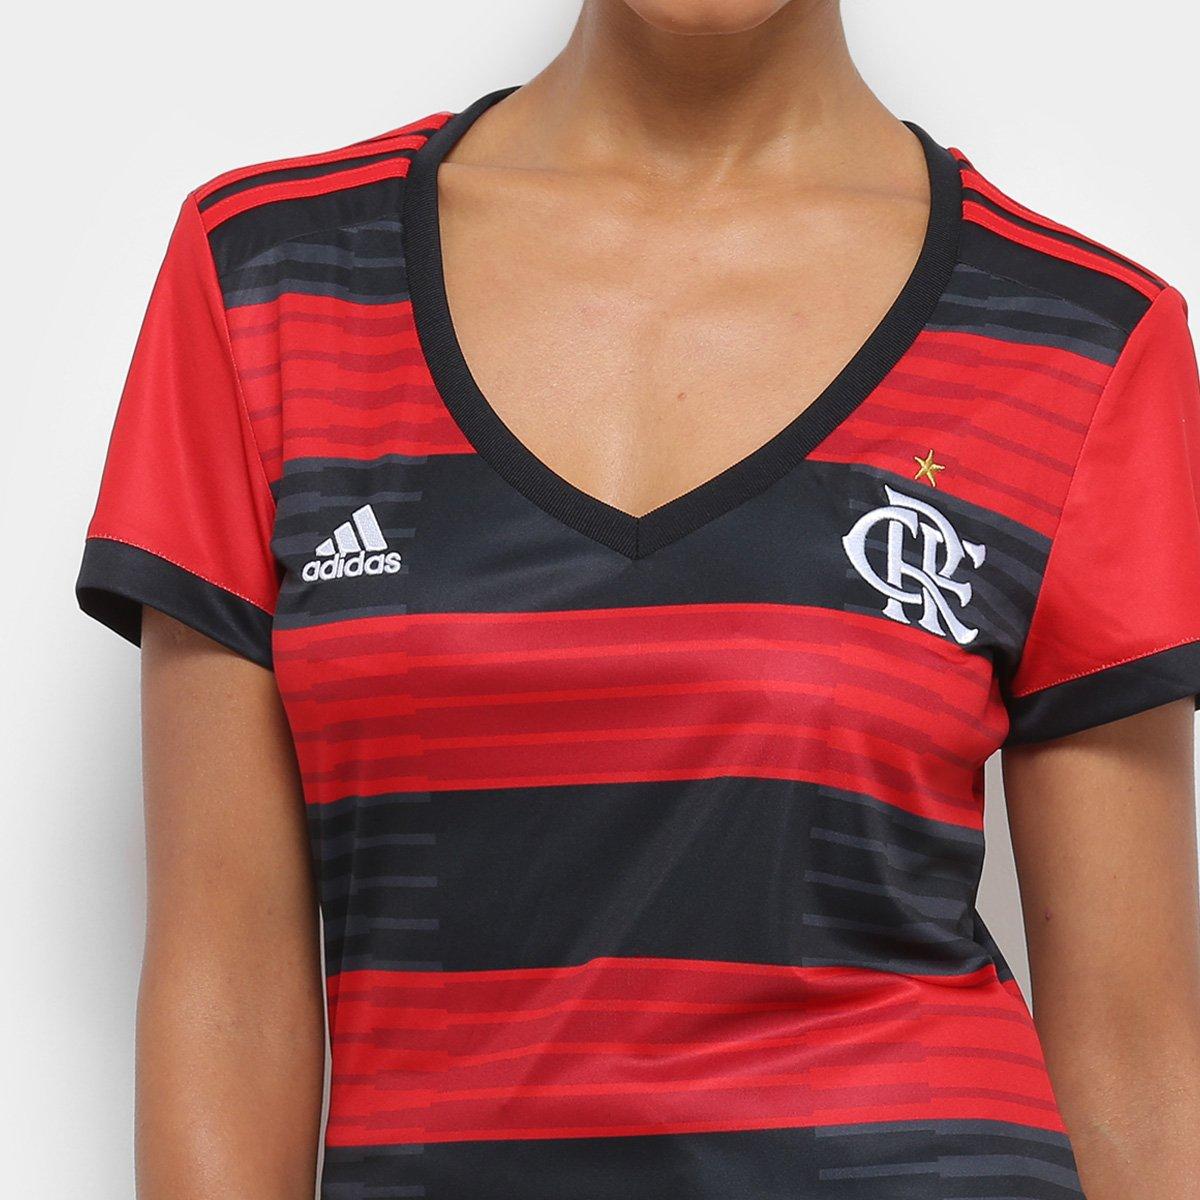 Camisa Flamengo I 2018 s n° Torcedor Adidas Feminina - Vermelho e ... 1b19b3ce76dfe